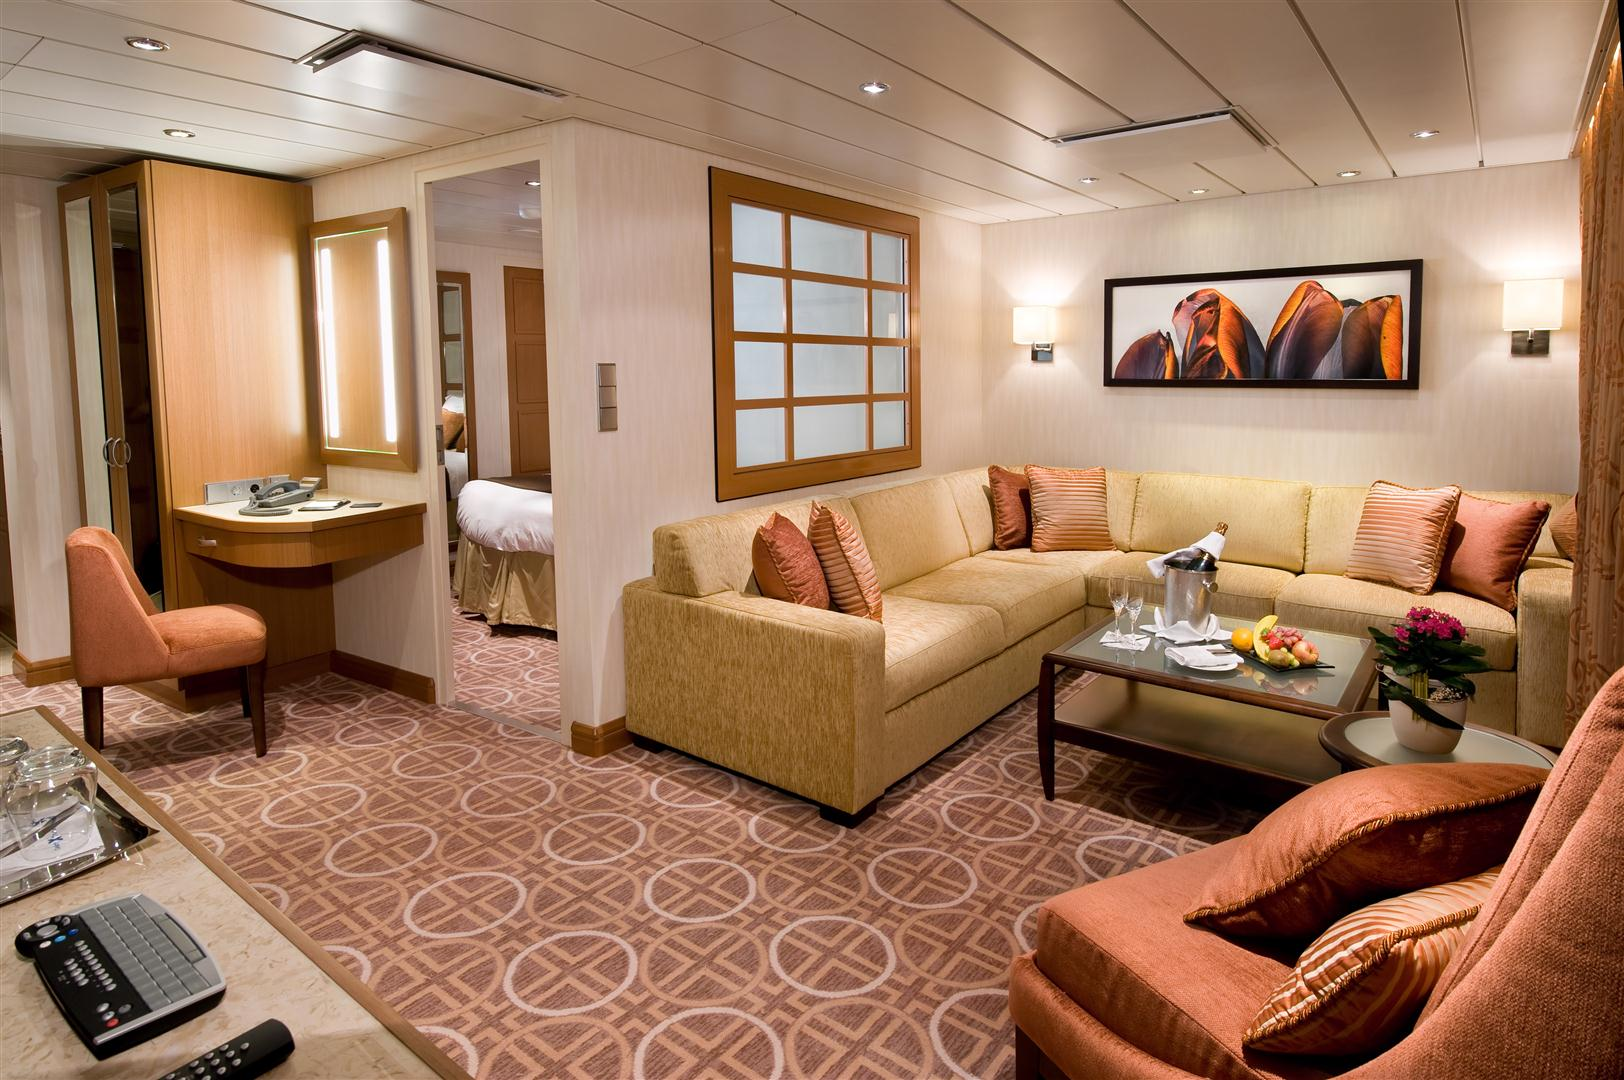 Celebrity Solstice Deck plan & cabin plan - Seascanner.com